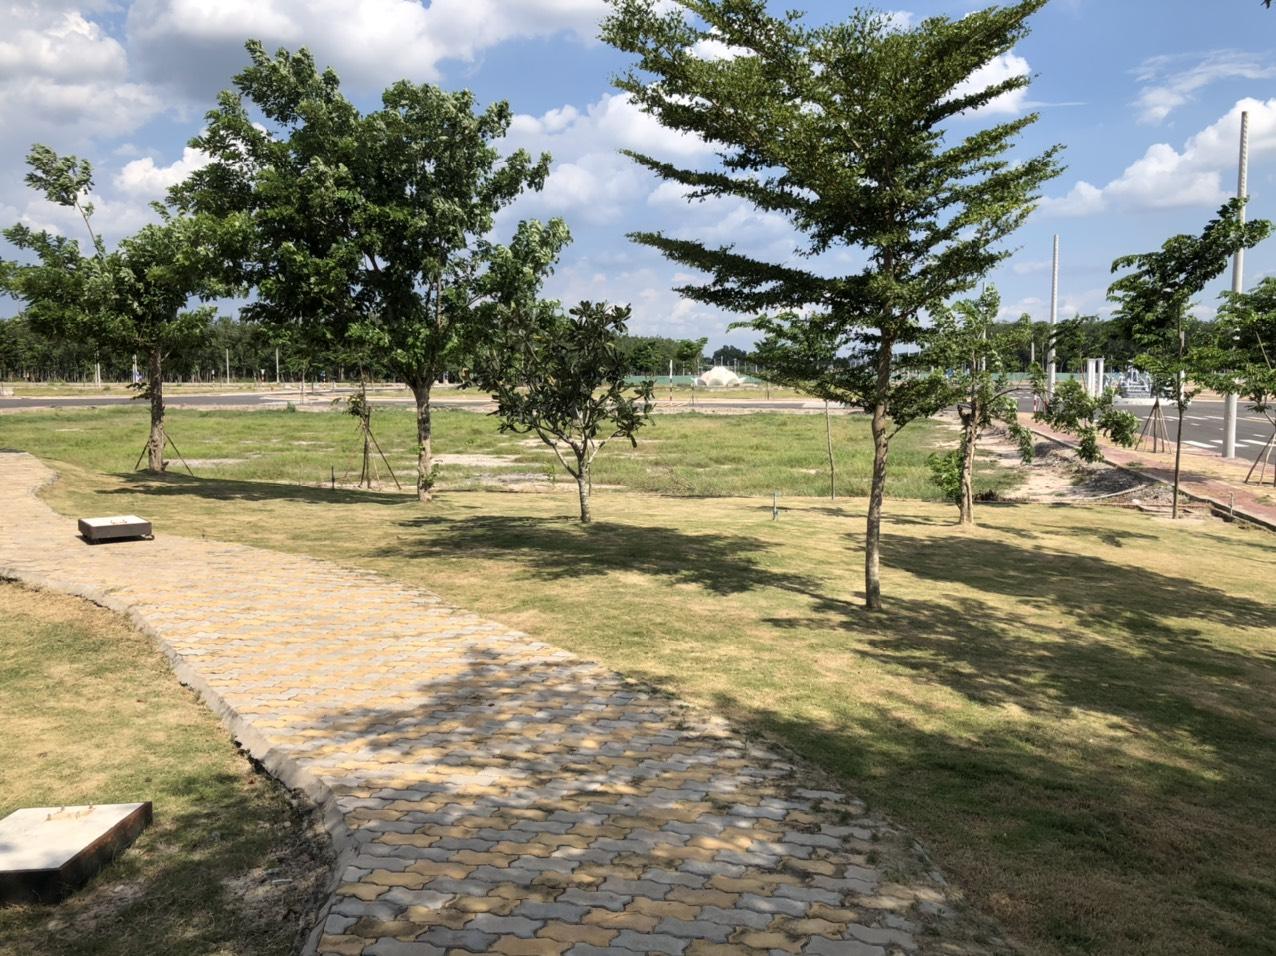 Do tình hình dịch bệnh nên tôi đành bán gấp lô đất 80m2, giá 690tr, ngay Kcn Bàu Bàng gần quốc lộ 13